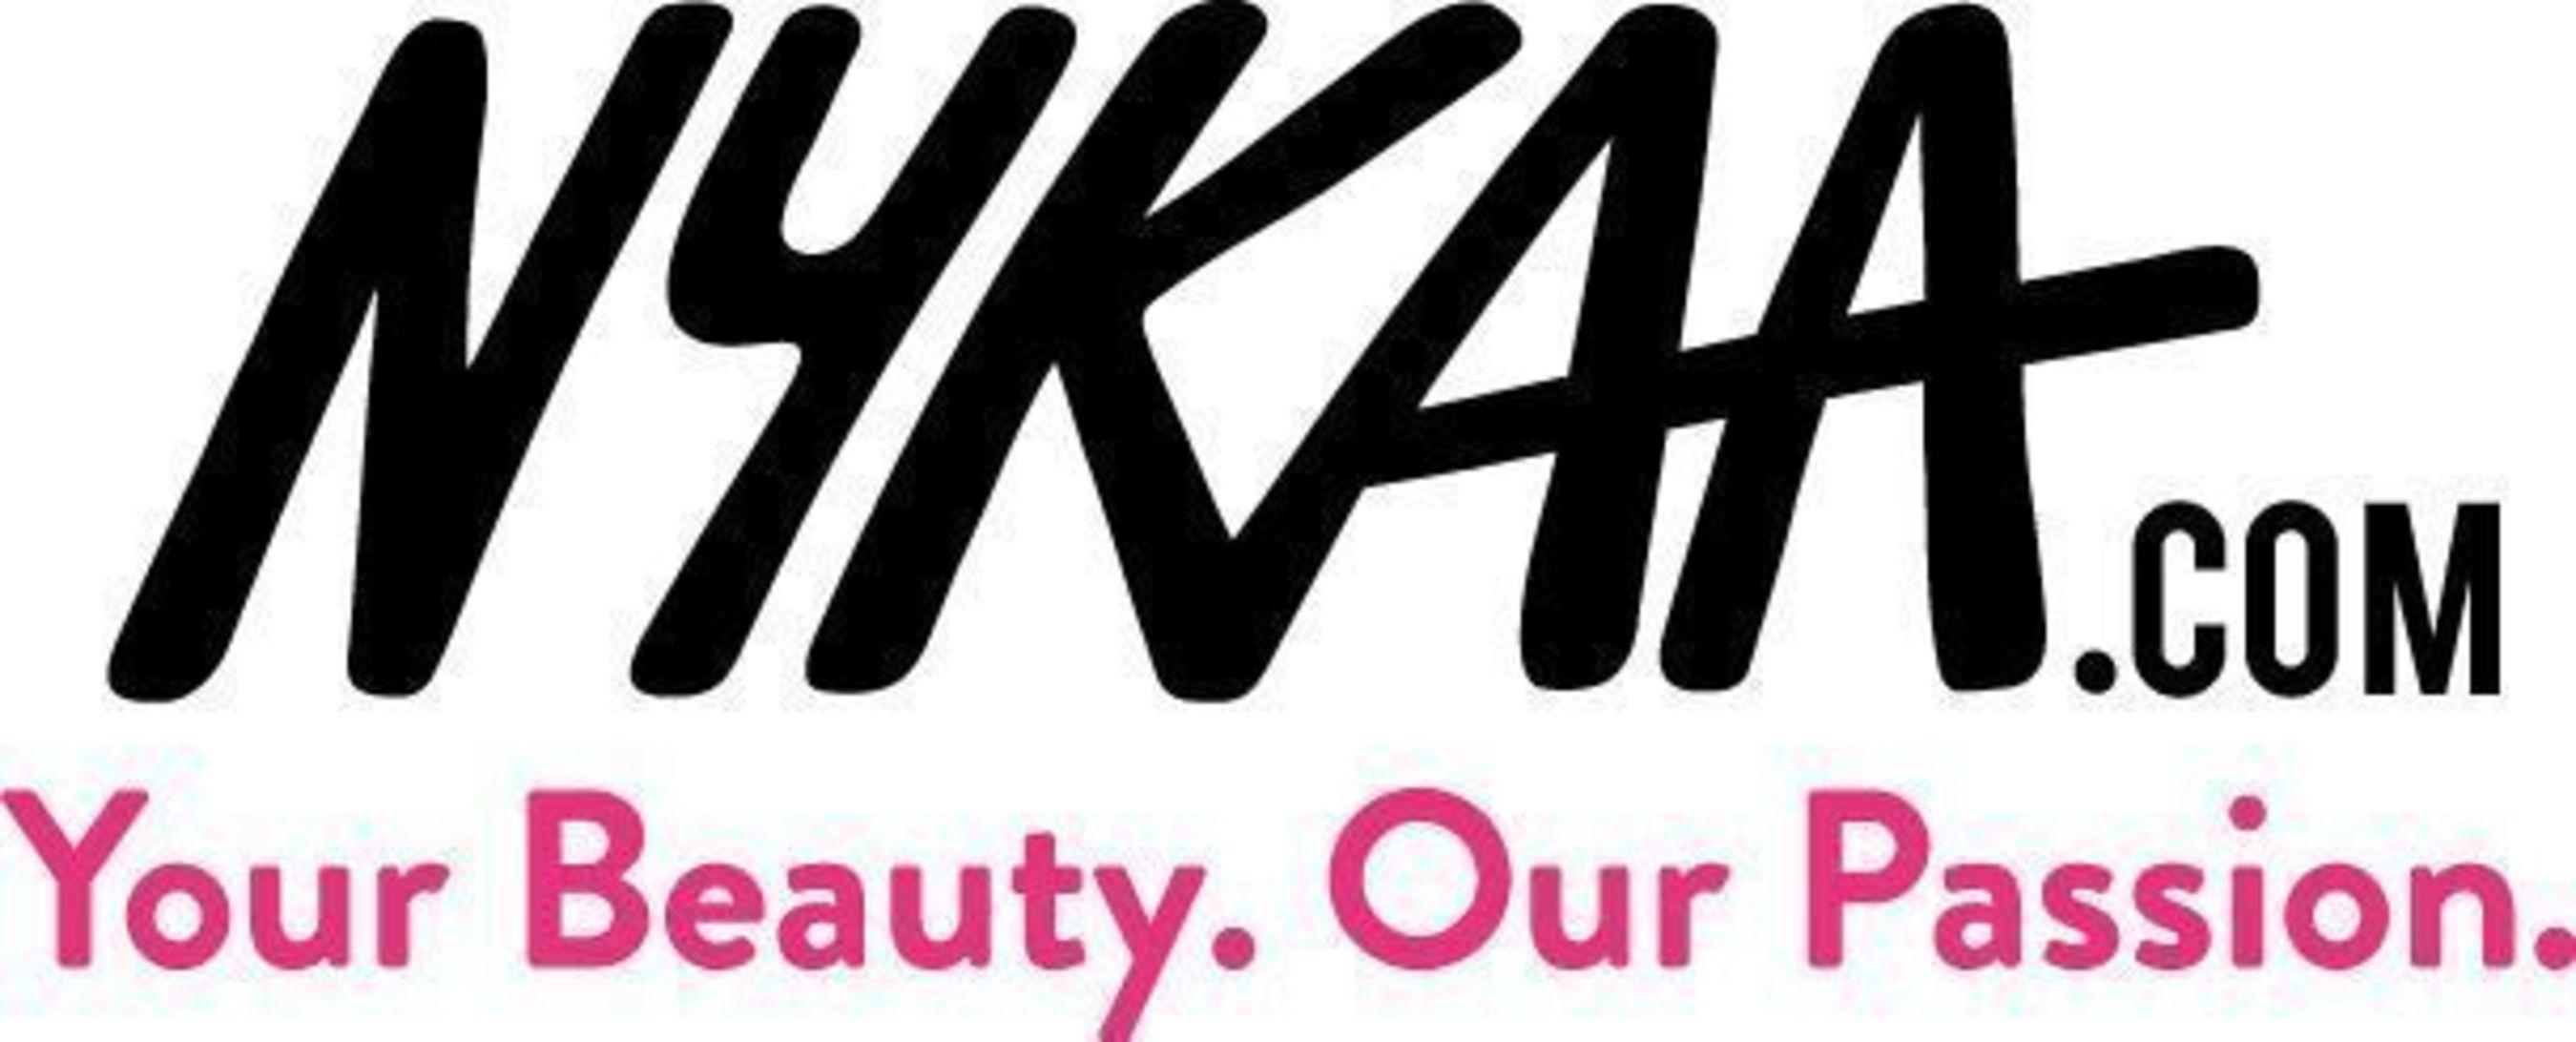 Nykaa.com Logo (PRNewsFoto/Nykaa_com)